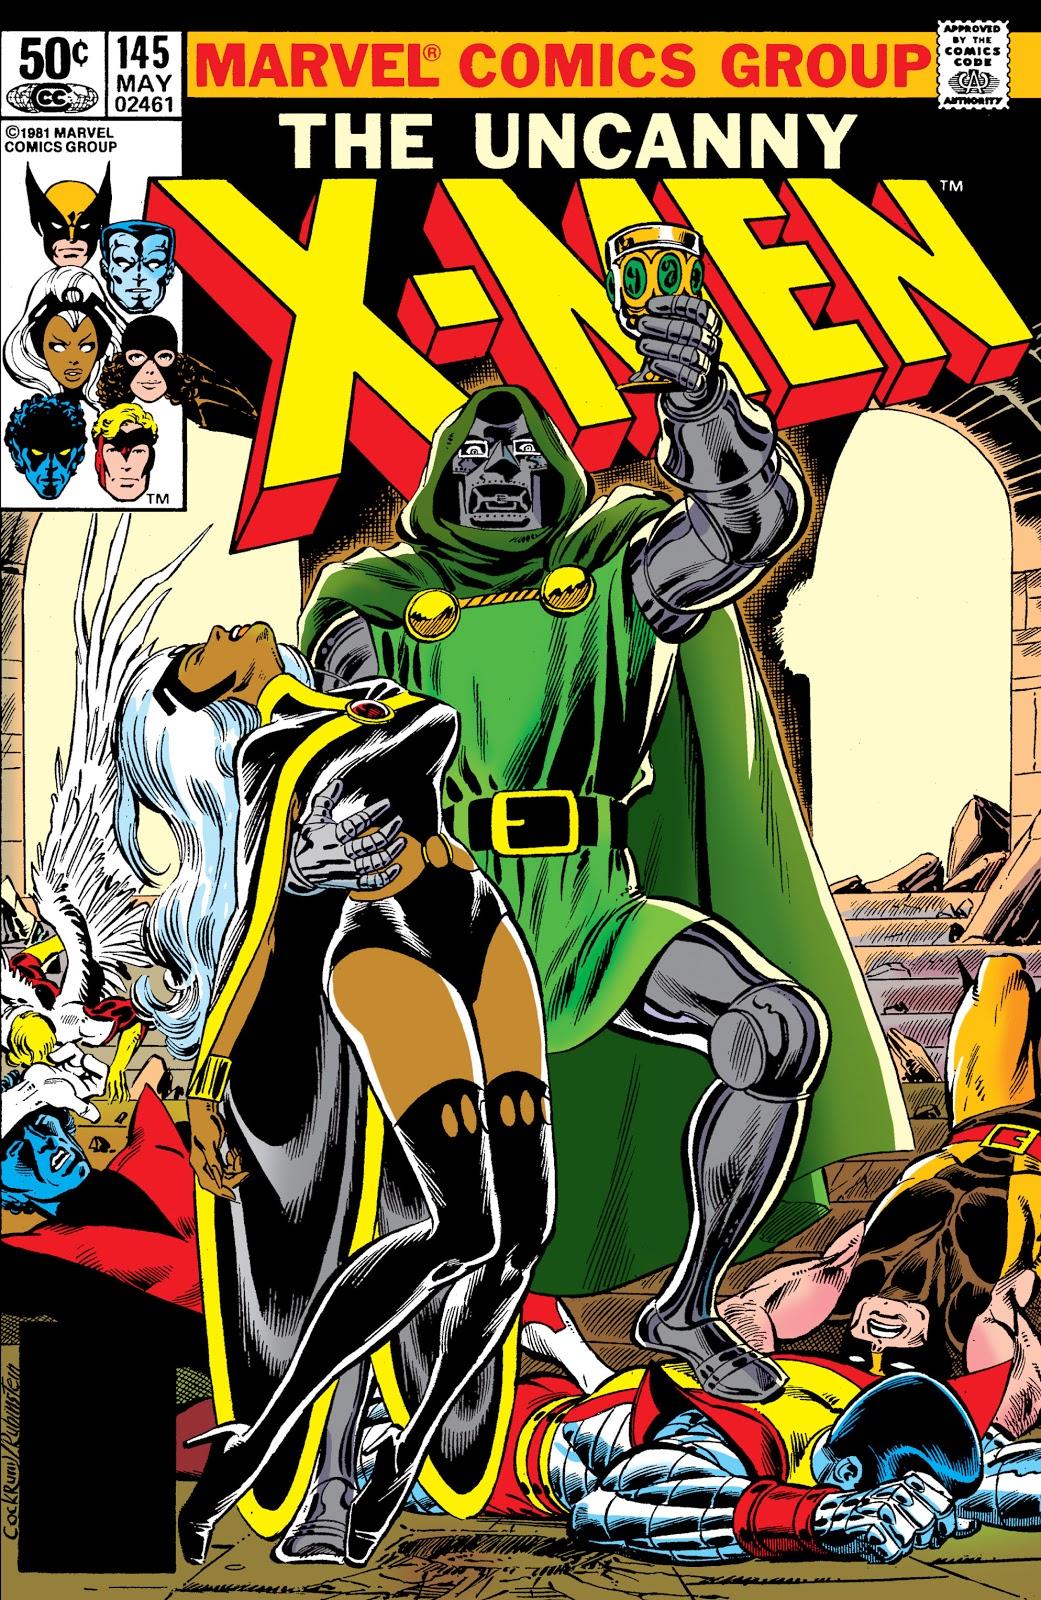 Uncanny X-Men Vol 1 145